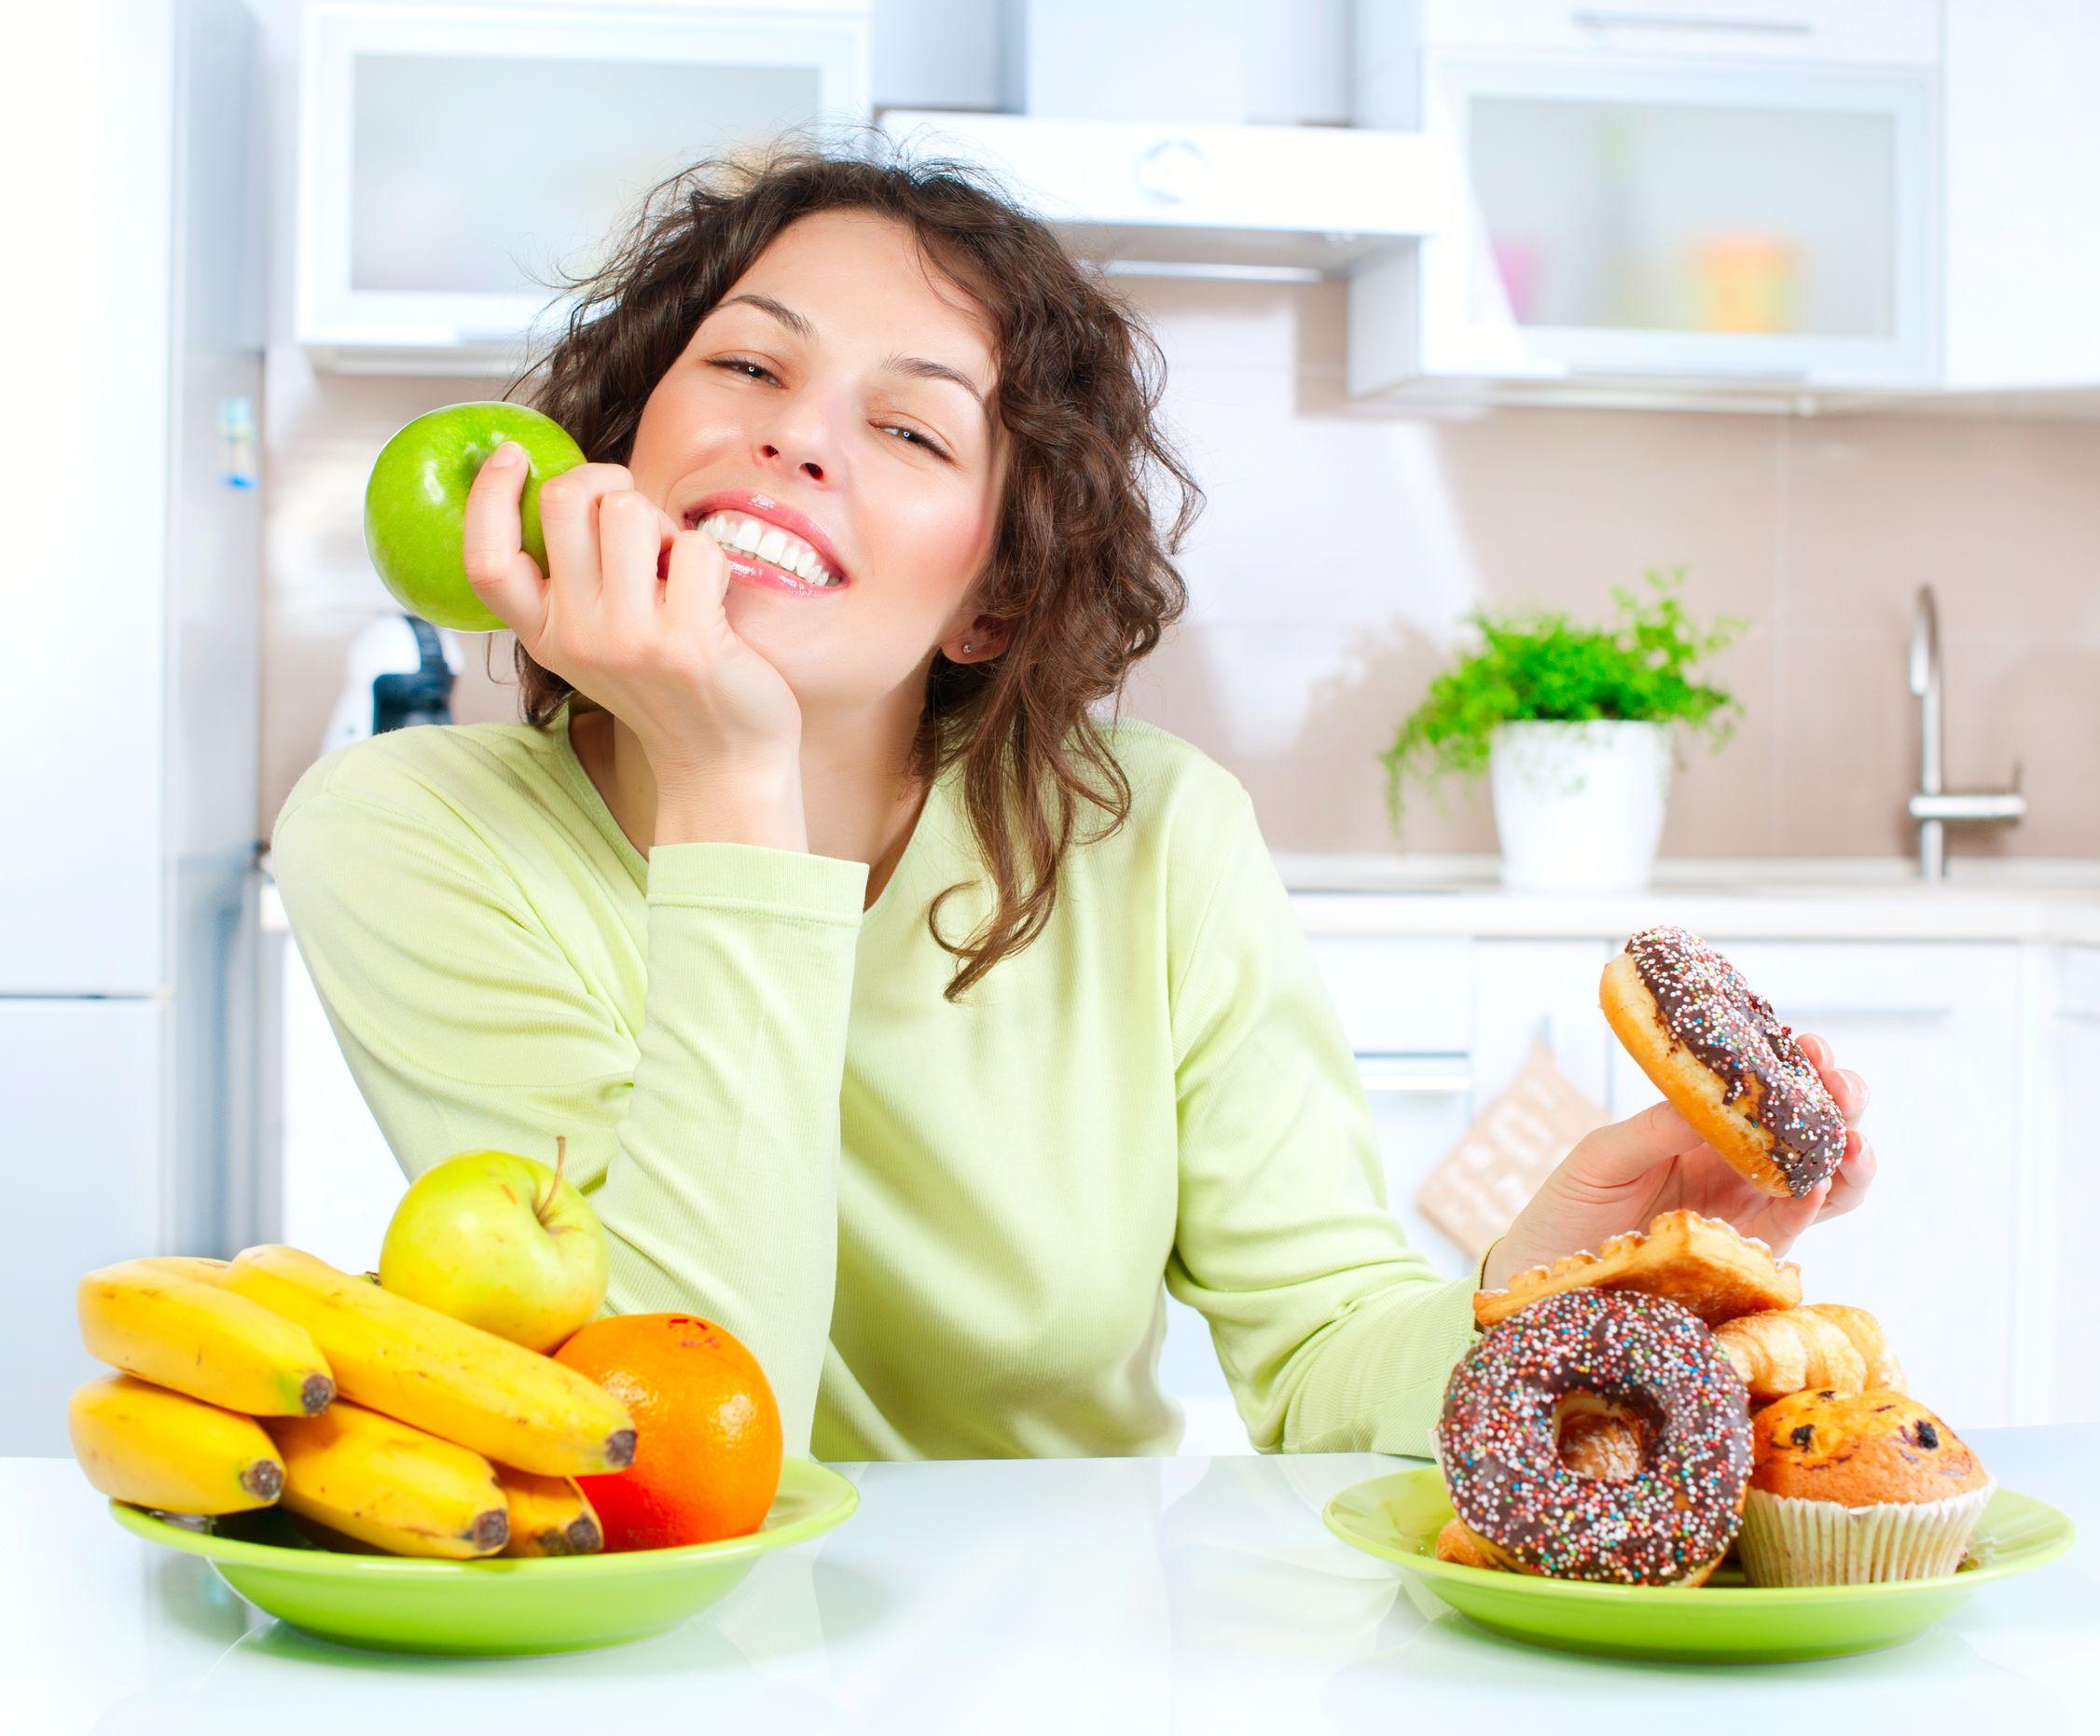 Elképesztően sok fogyókúrás készítmény fogy januárban